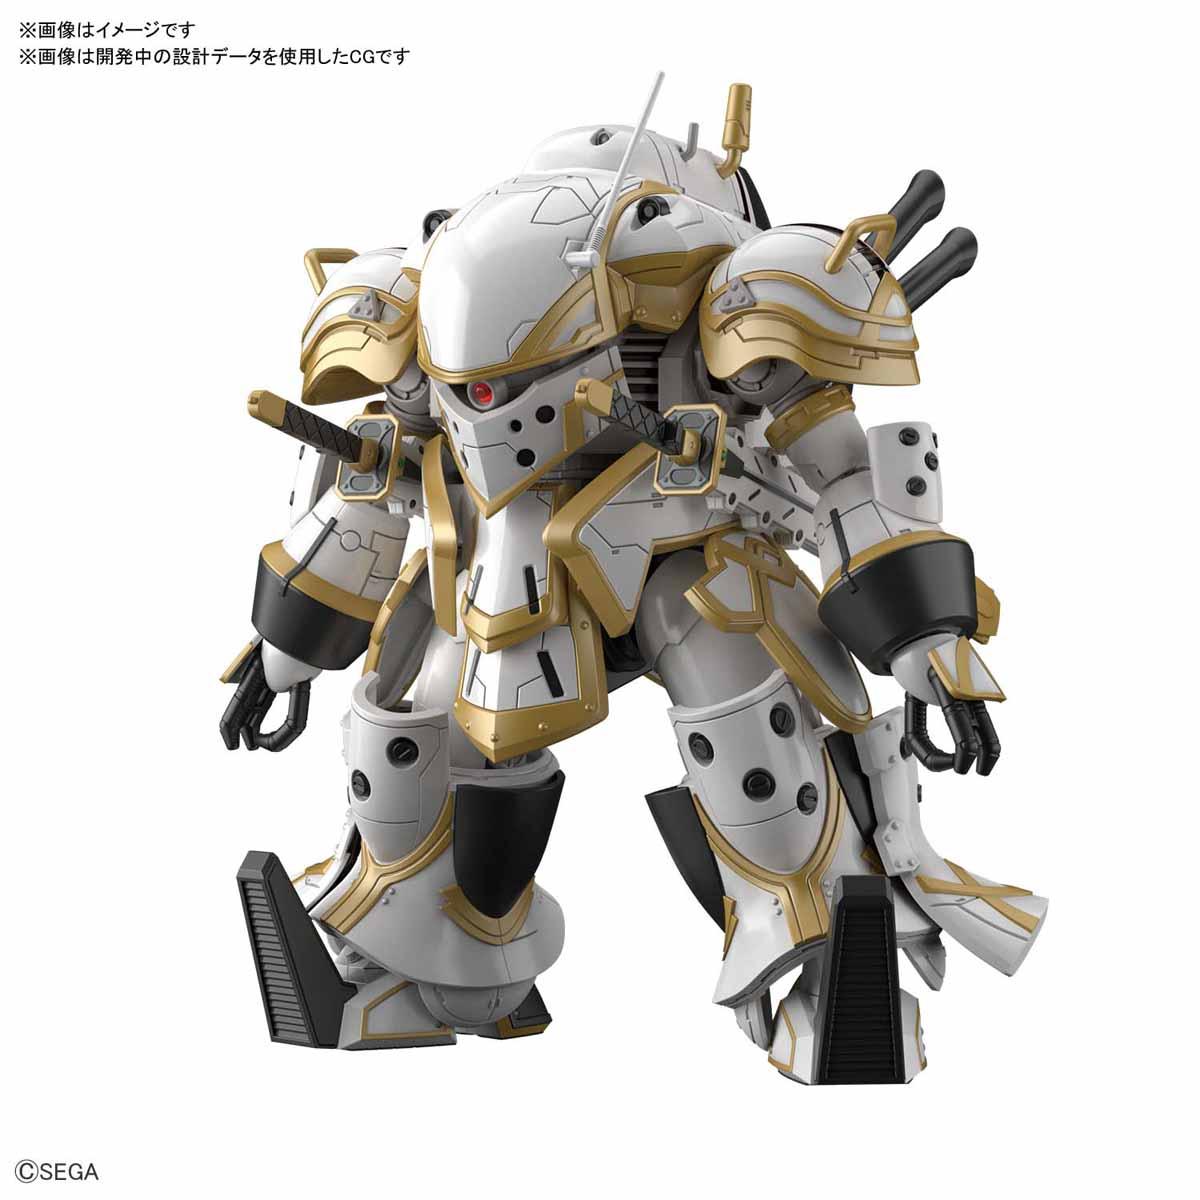 HG 1/24『霊子戦闘機・無限(神山誠十郎機)』新サクラ大戦 プラモデル-002